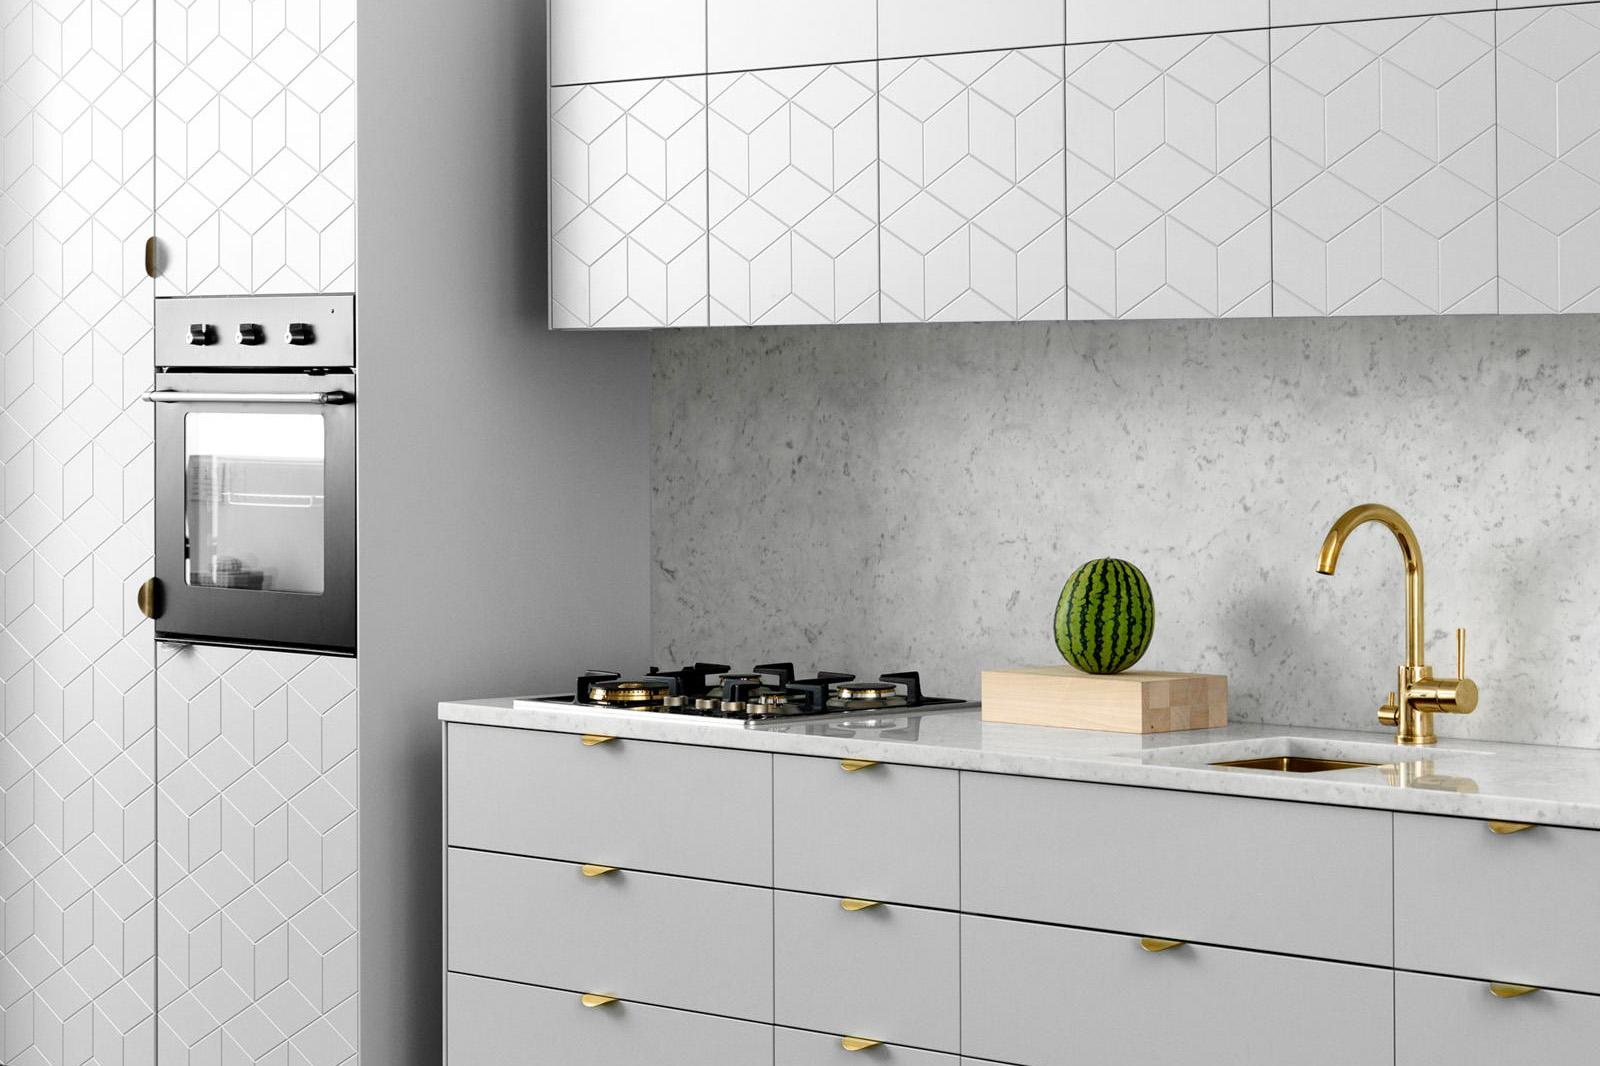 ikea kitchens 2019 architecture design rh queenstyle store